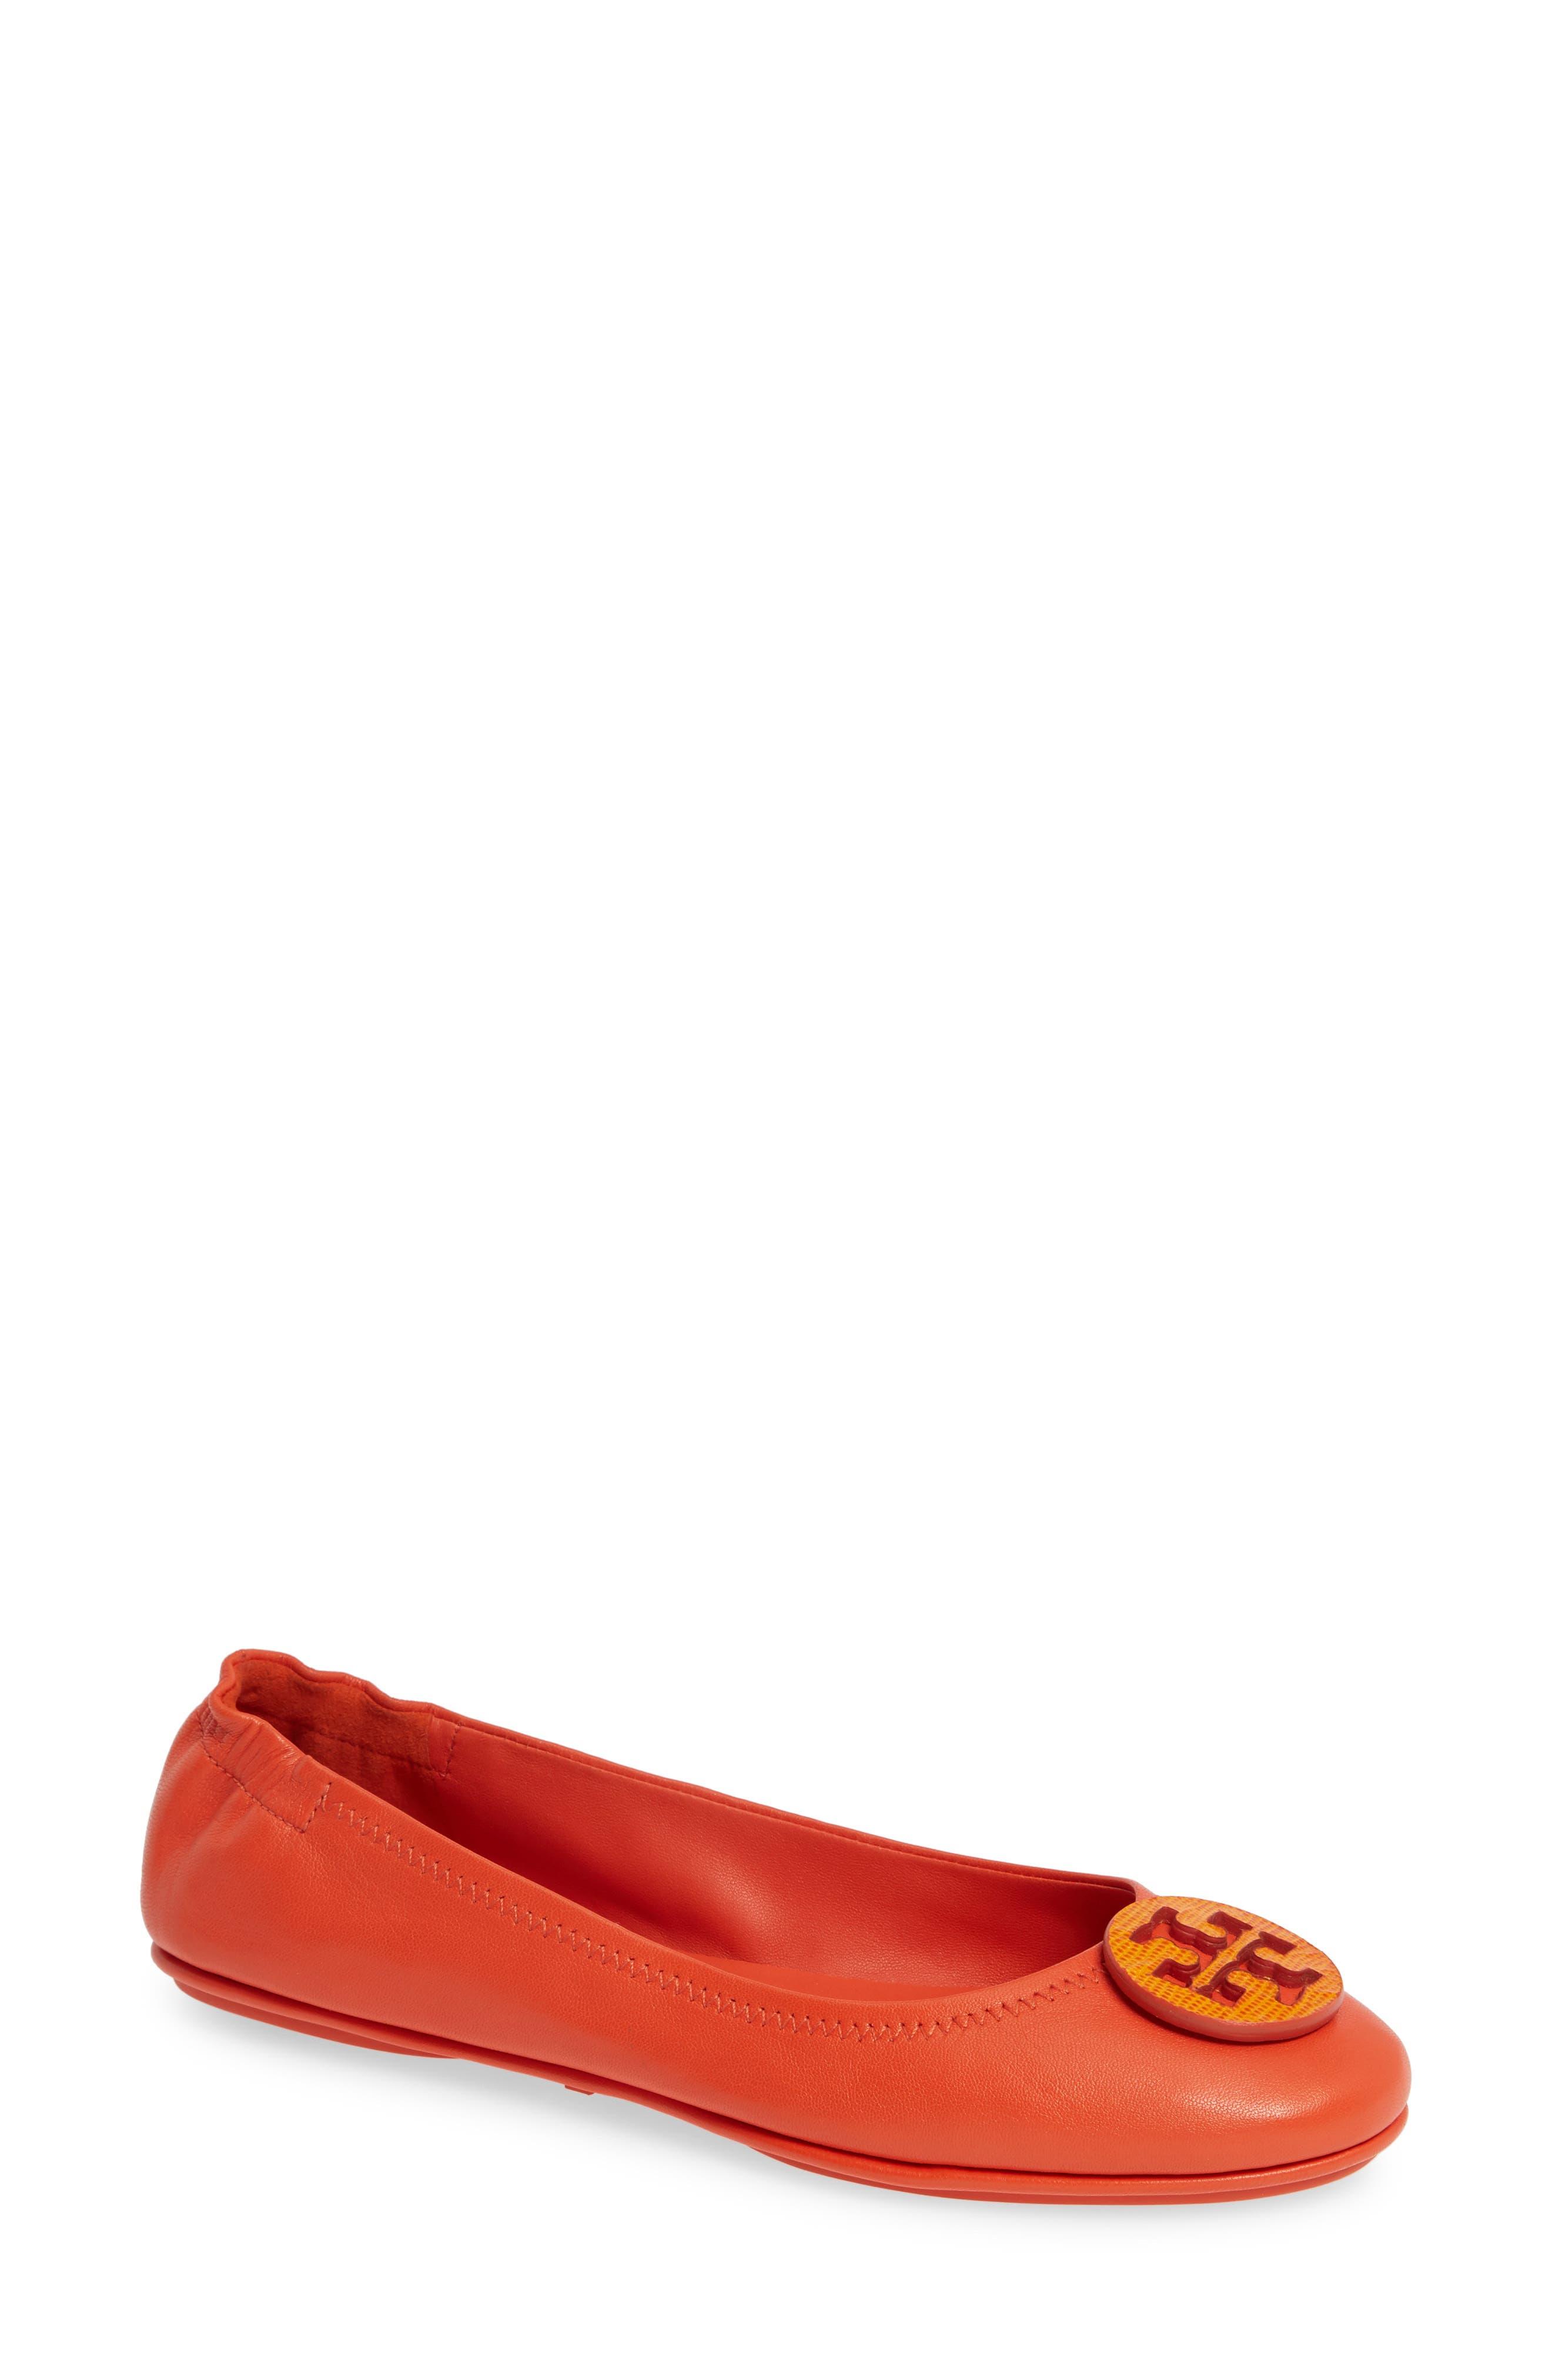 'Minnie' Travel Ballet Flat in Pomander/ Dark Saffron